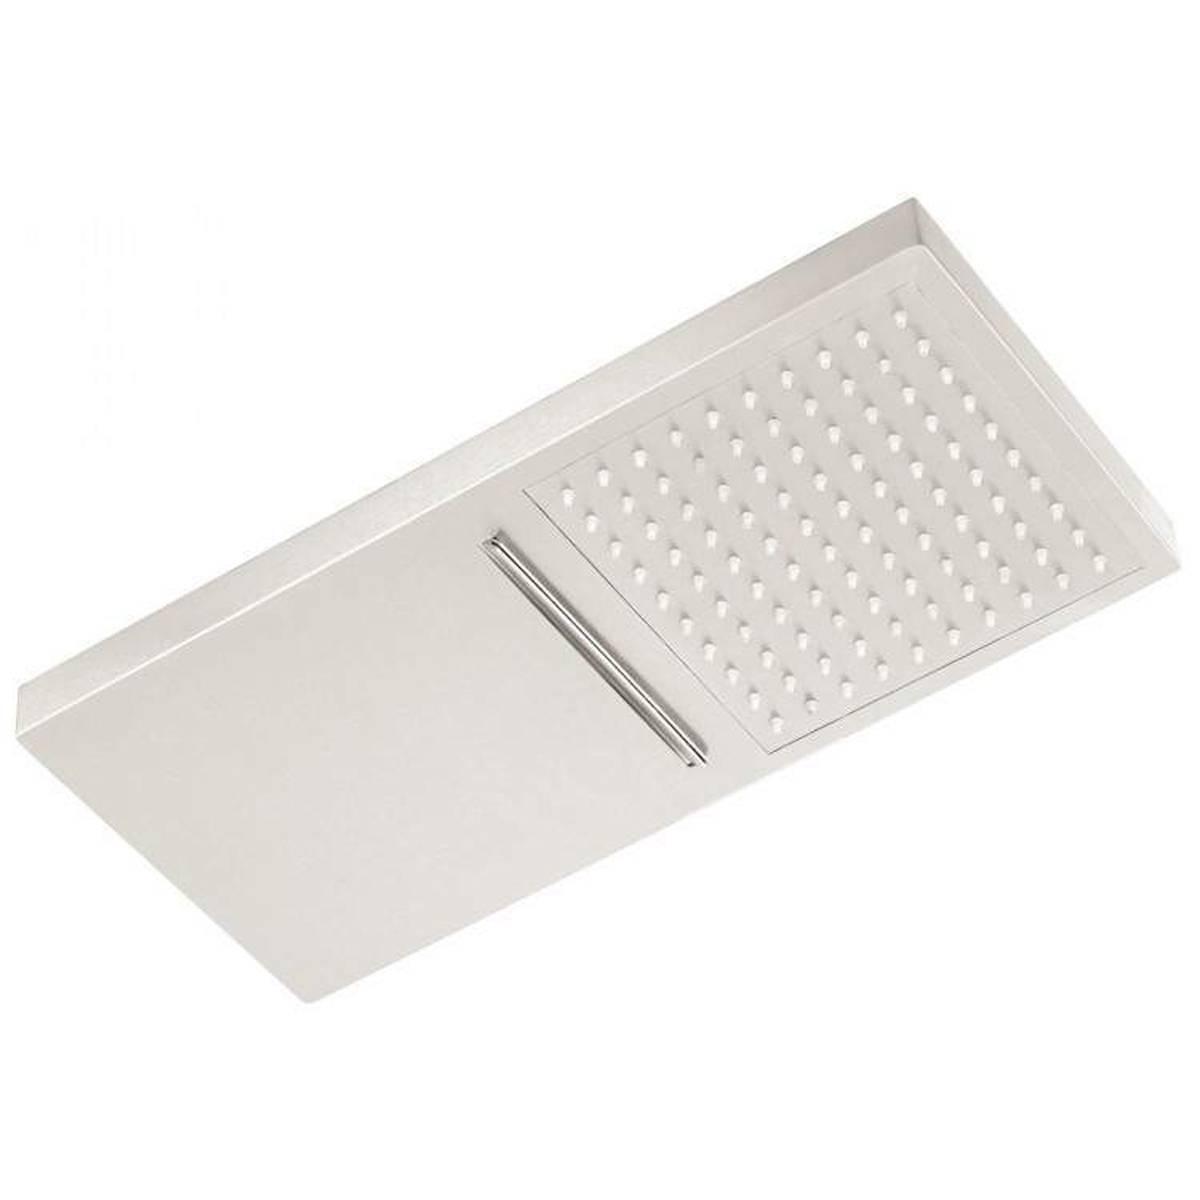 Soffione doccia 23x50 inox304 parete,getti silicone anticalcare cascata + doccia